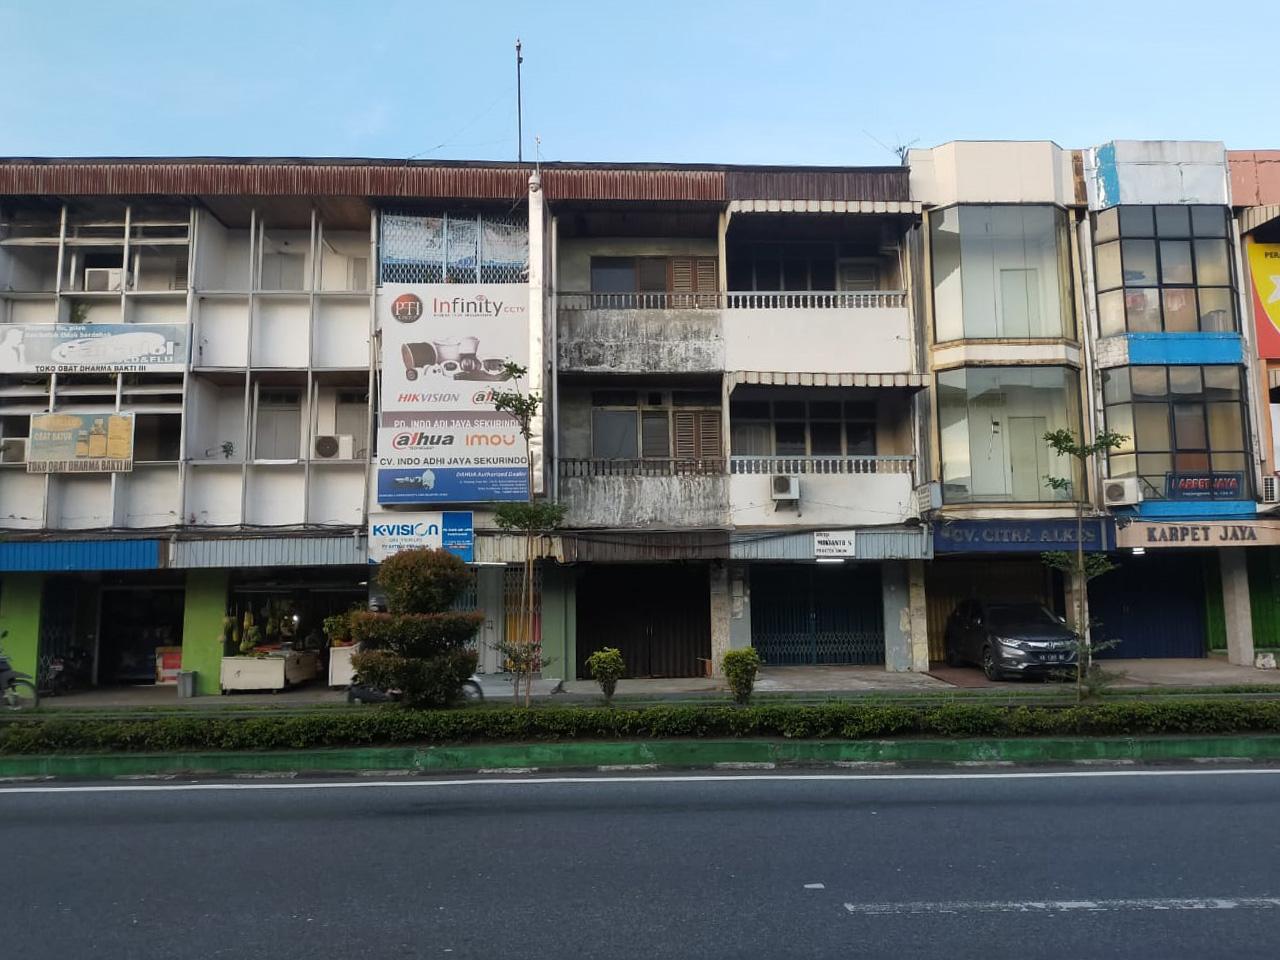 Ruko Tanjungpura, Pontianak, Kalimantan Barat - 2